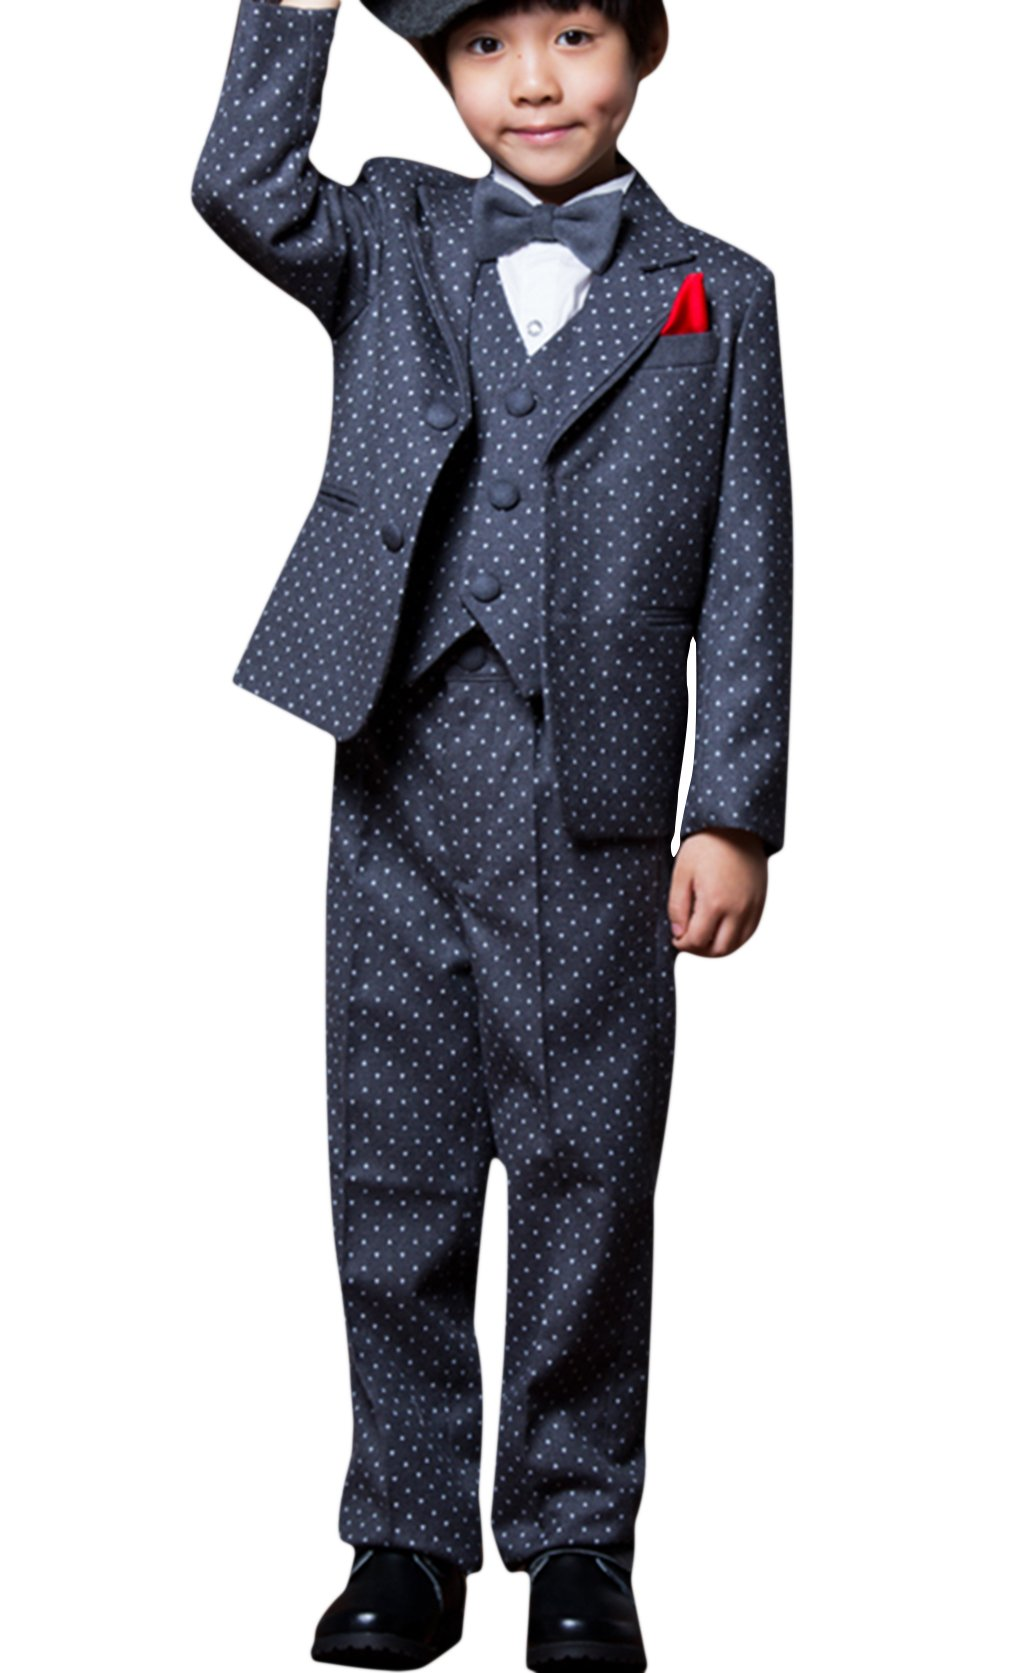 La Vogue Boys Formal 5 Piece Dress Suit Jacket Vest Shirt Pant and Bow S7 by La Vogue (Image #3)